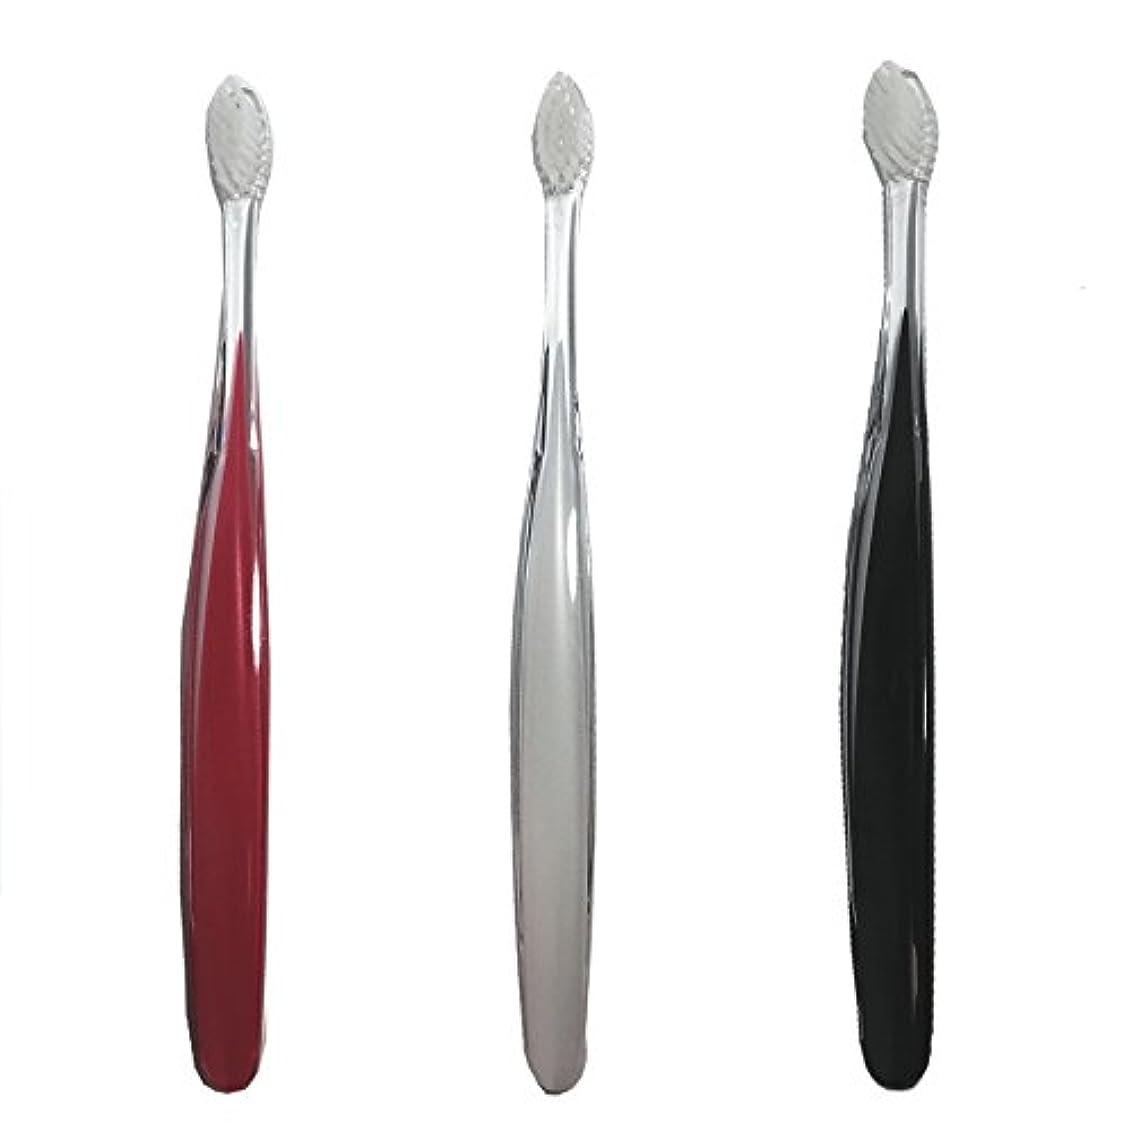 質素な修正ラベサムライ(SAMRAI)歯ブラシ ふつう 3色セット